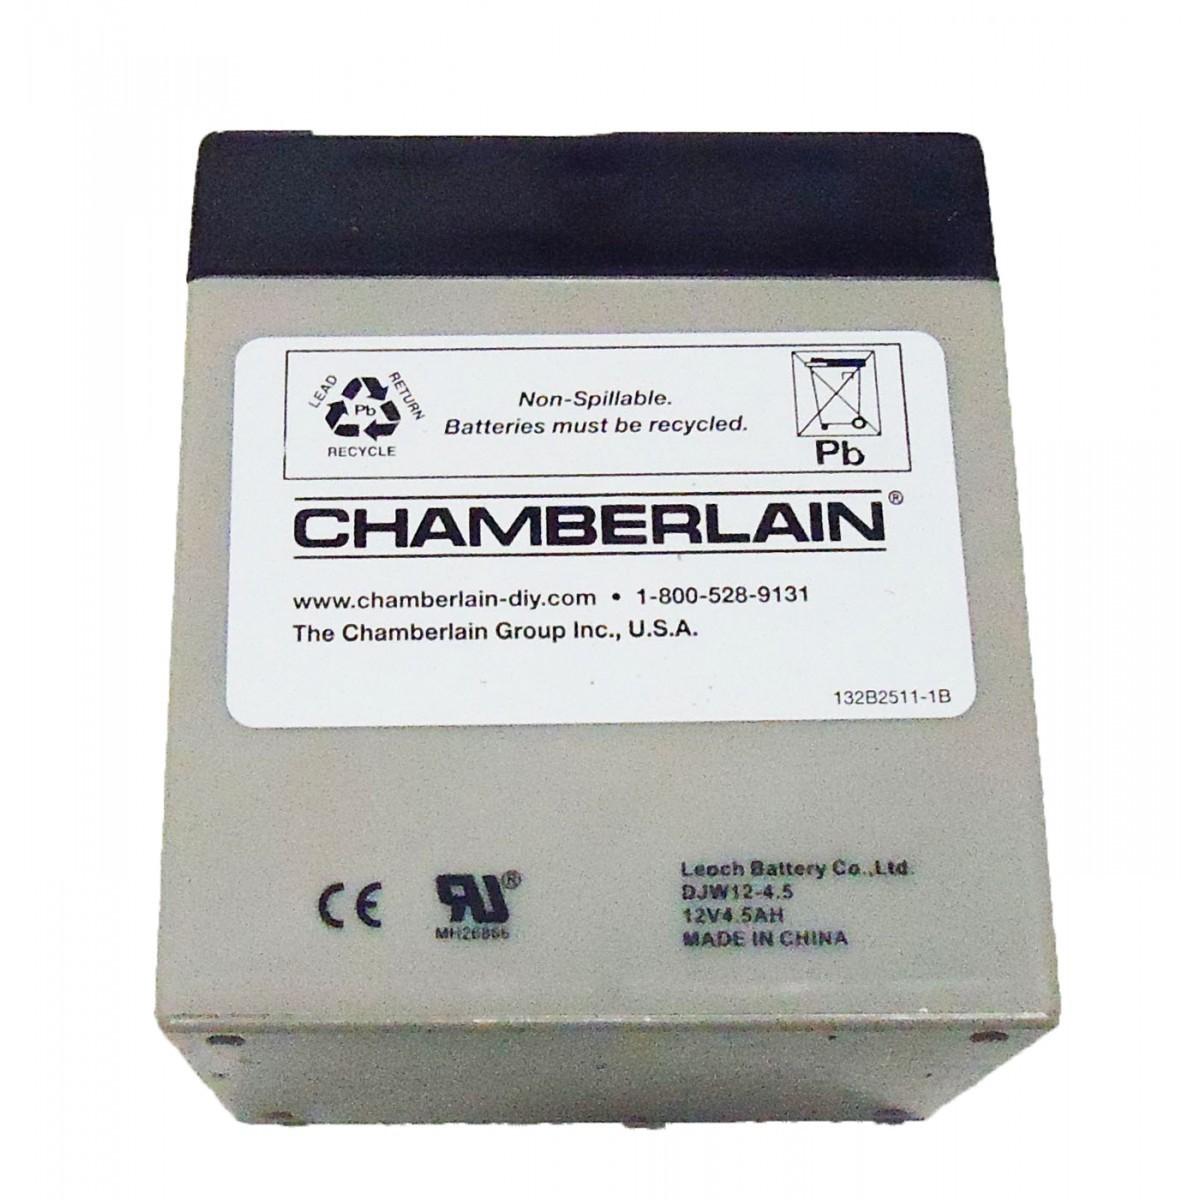 041A6357-1 Battery Backup, 12v Battery